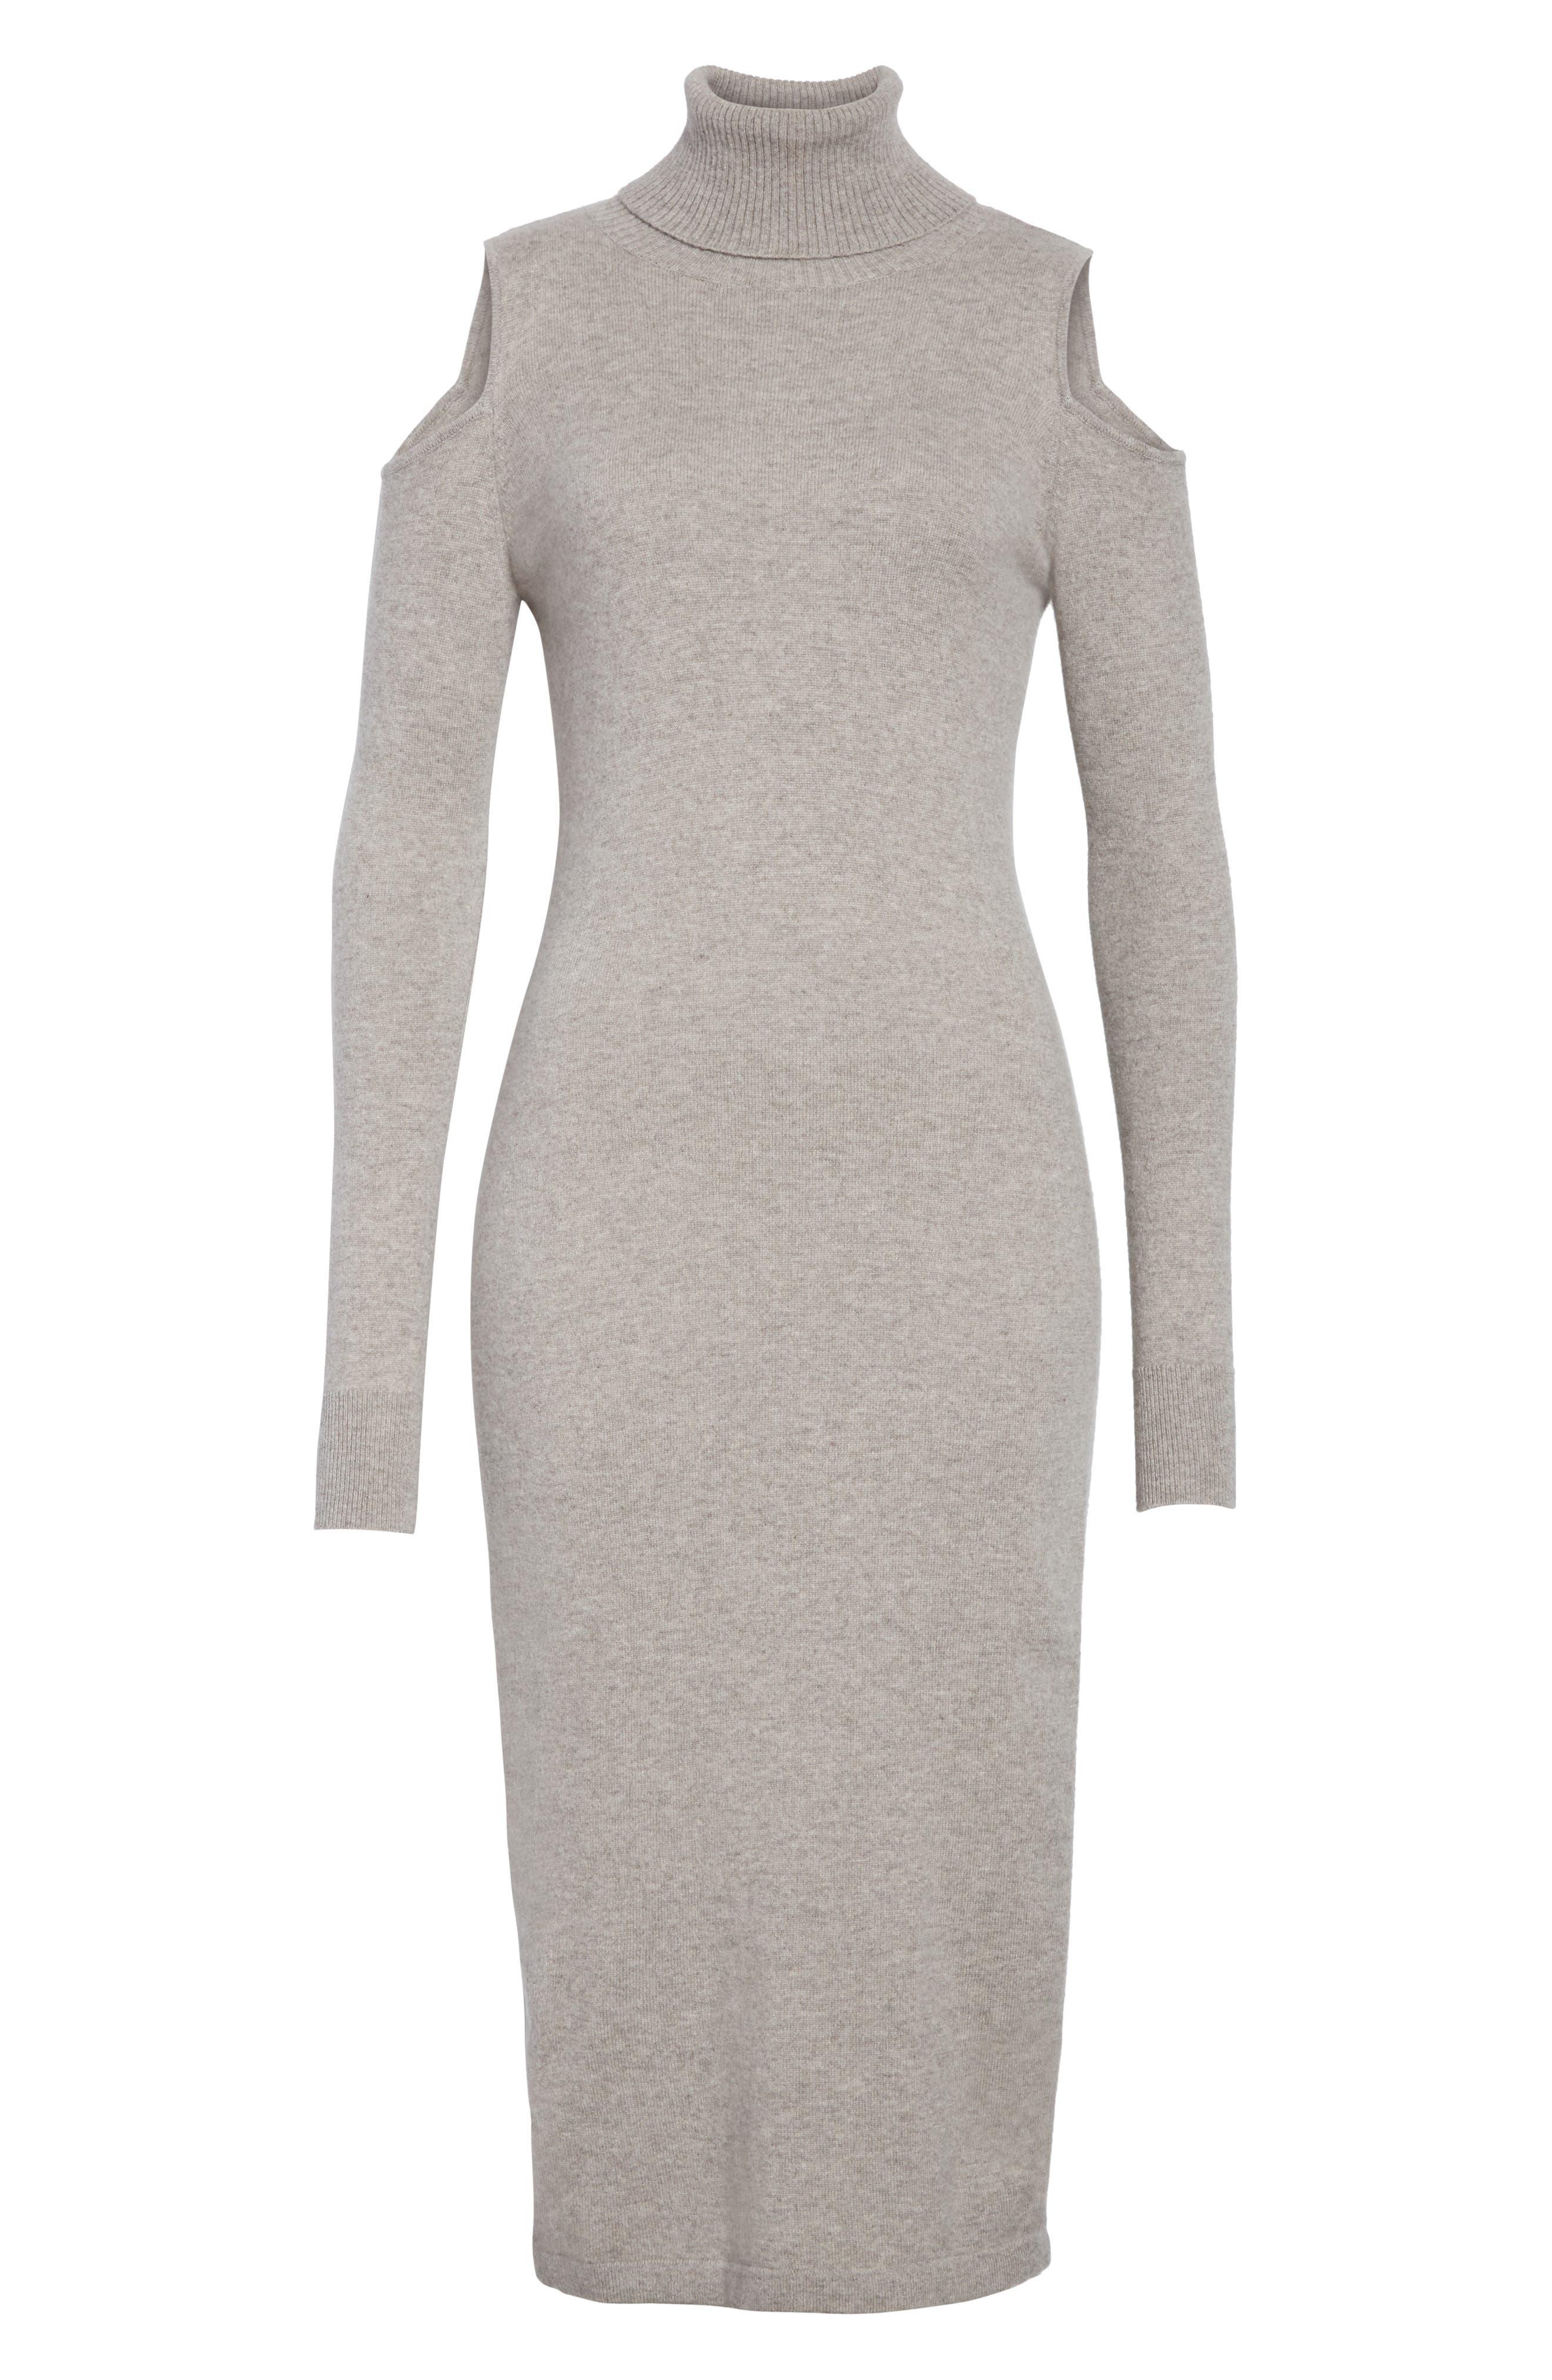 Cashmere Cold Shoulder Turtleneck Sweater Dress,                             Alternate thumbnail 12, color,